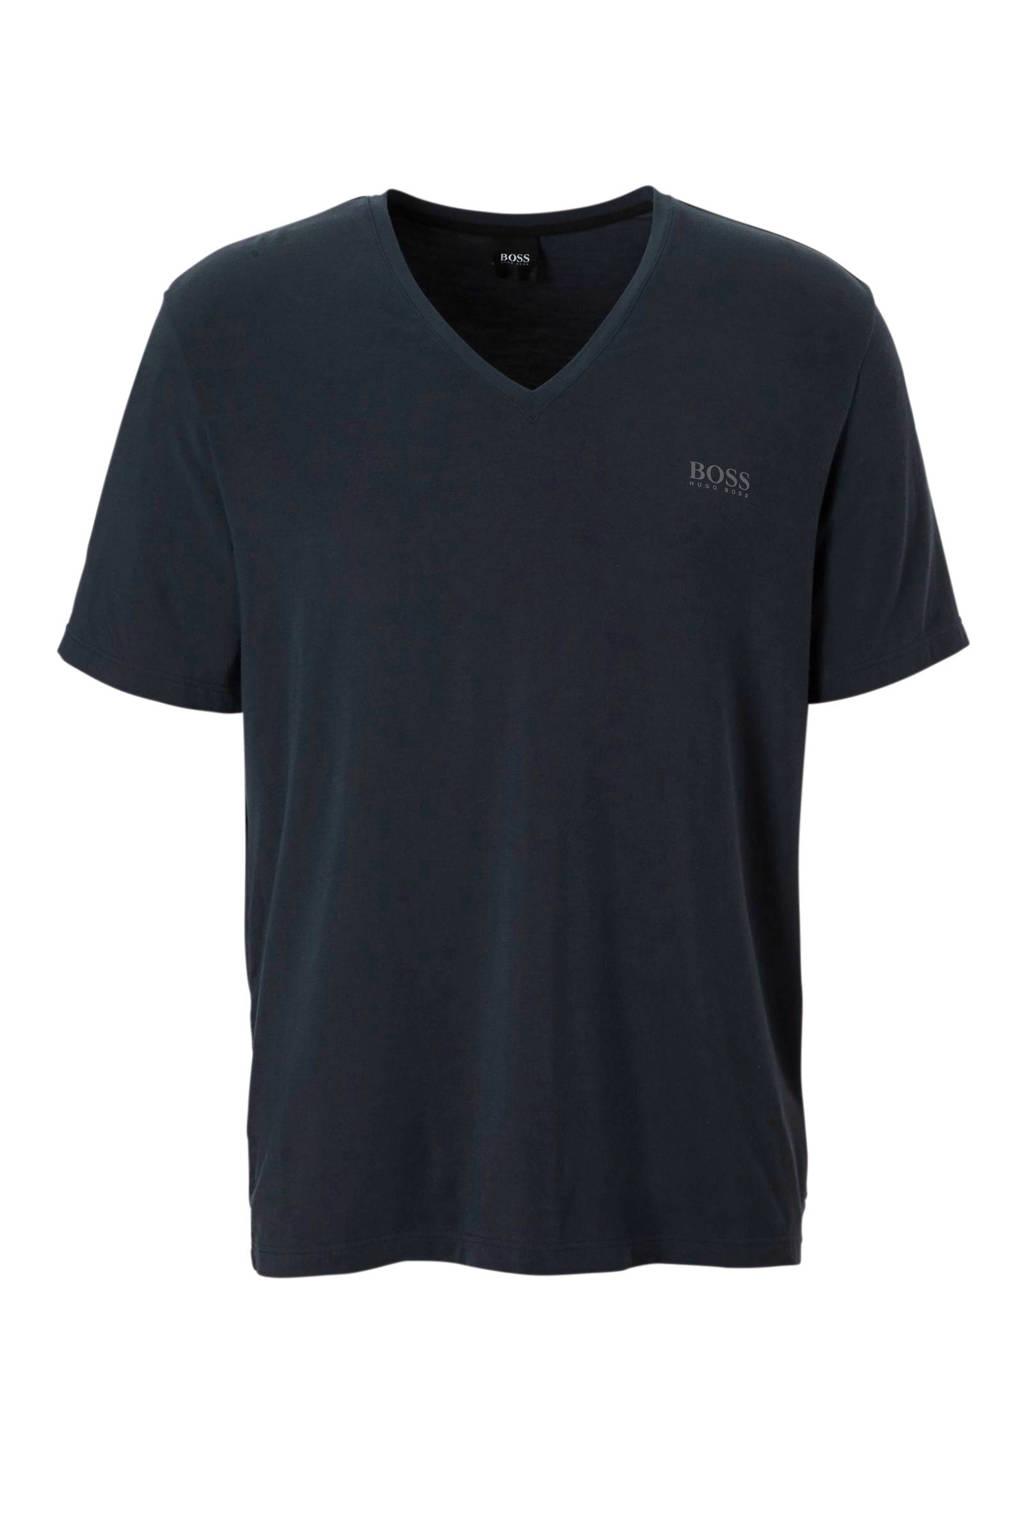 Boss t-shirt met katoen blauw, Blauw